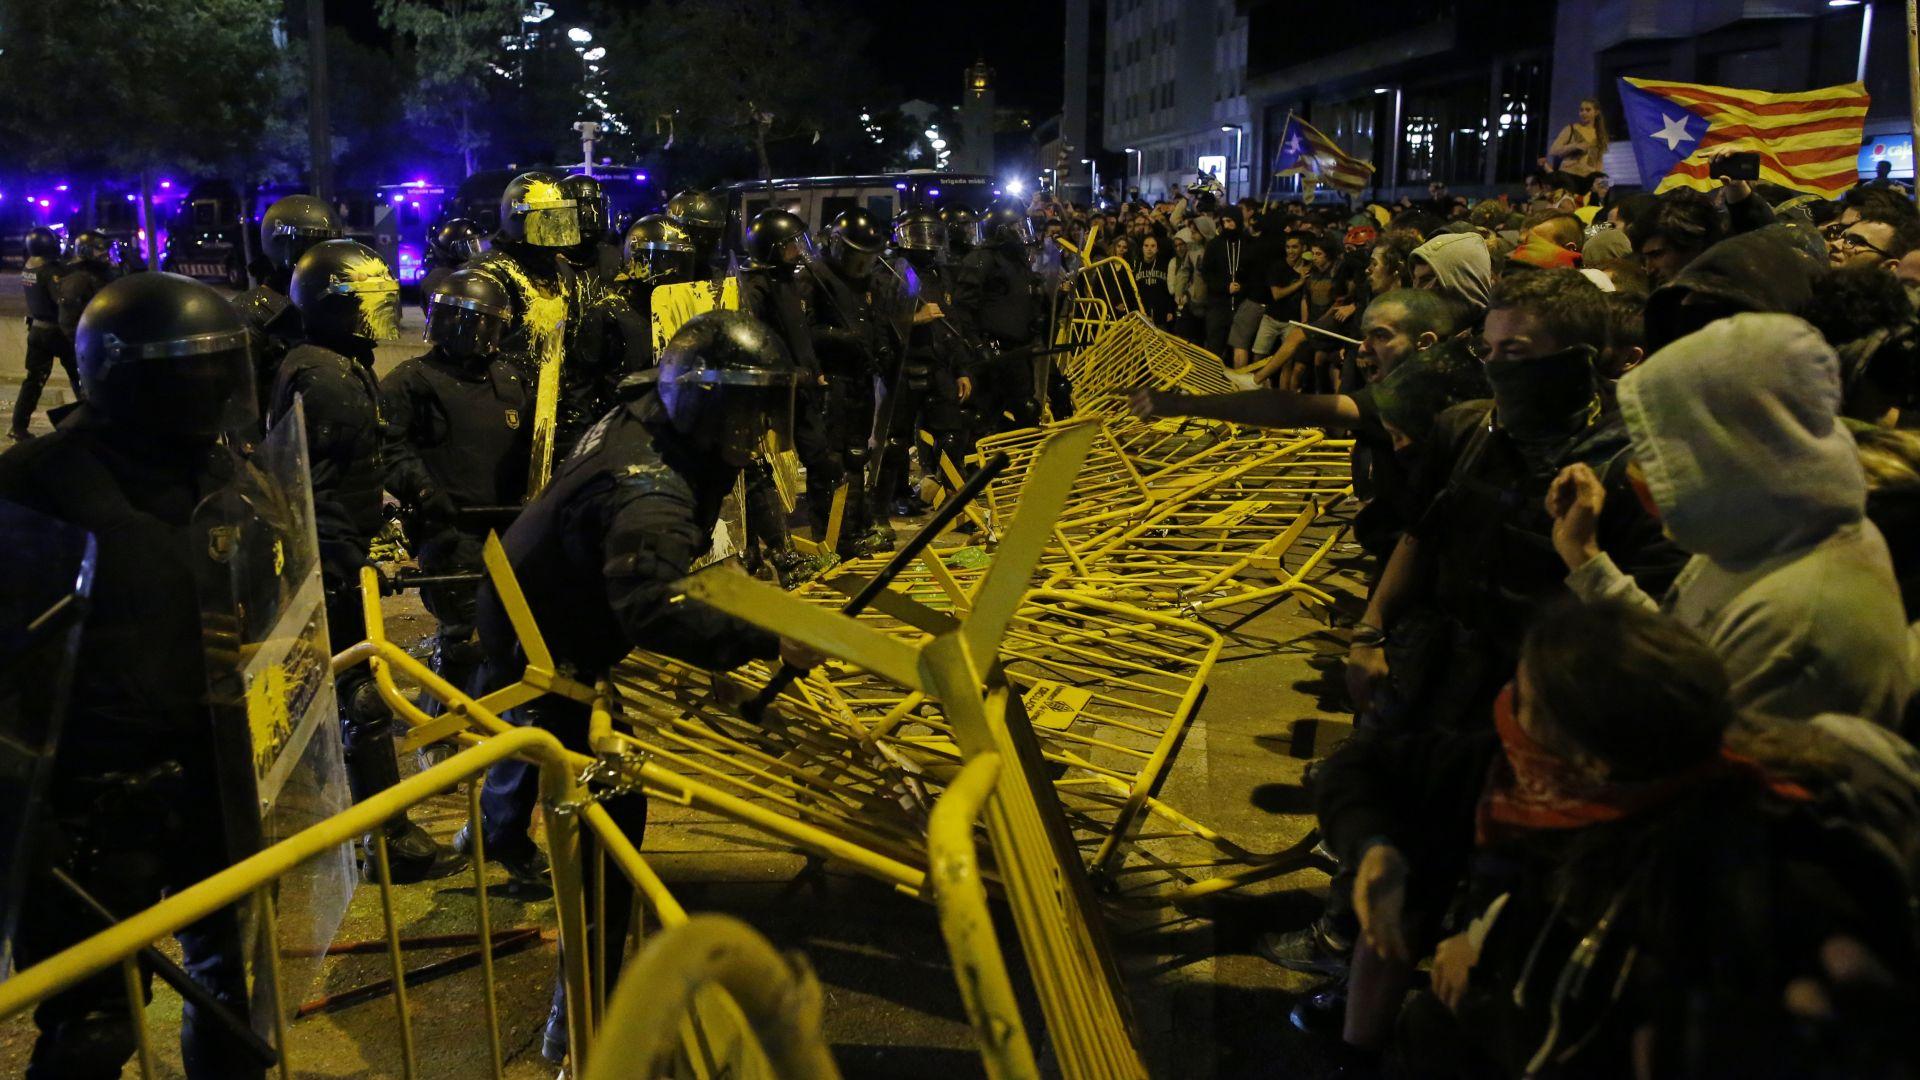 Щурм срещу парламента на Барселона, полицията отговори с палки и газ